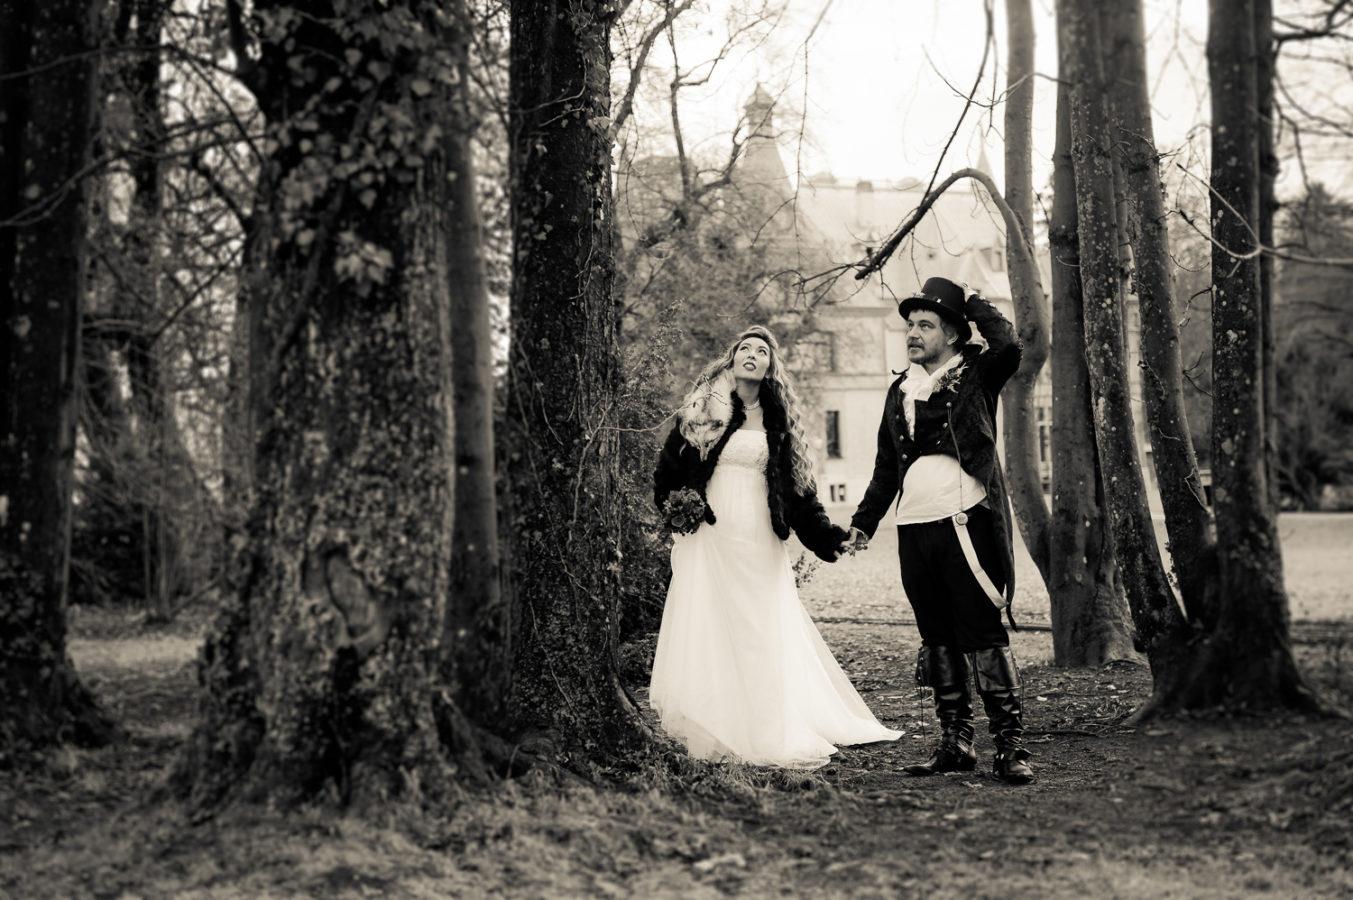 Steam Punk Hochzeitsshooting, Steam Punk Fotoshooting, Hochzeitsfotograf Thun, Hochzeit Schloss Schadau, Steam Punk Hochzeit im Schloss Schadau